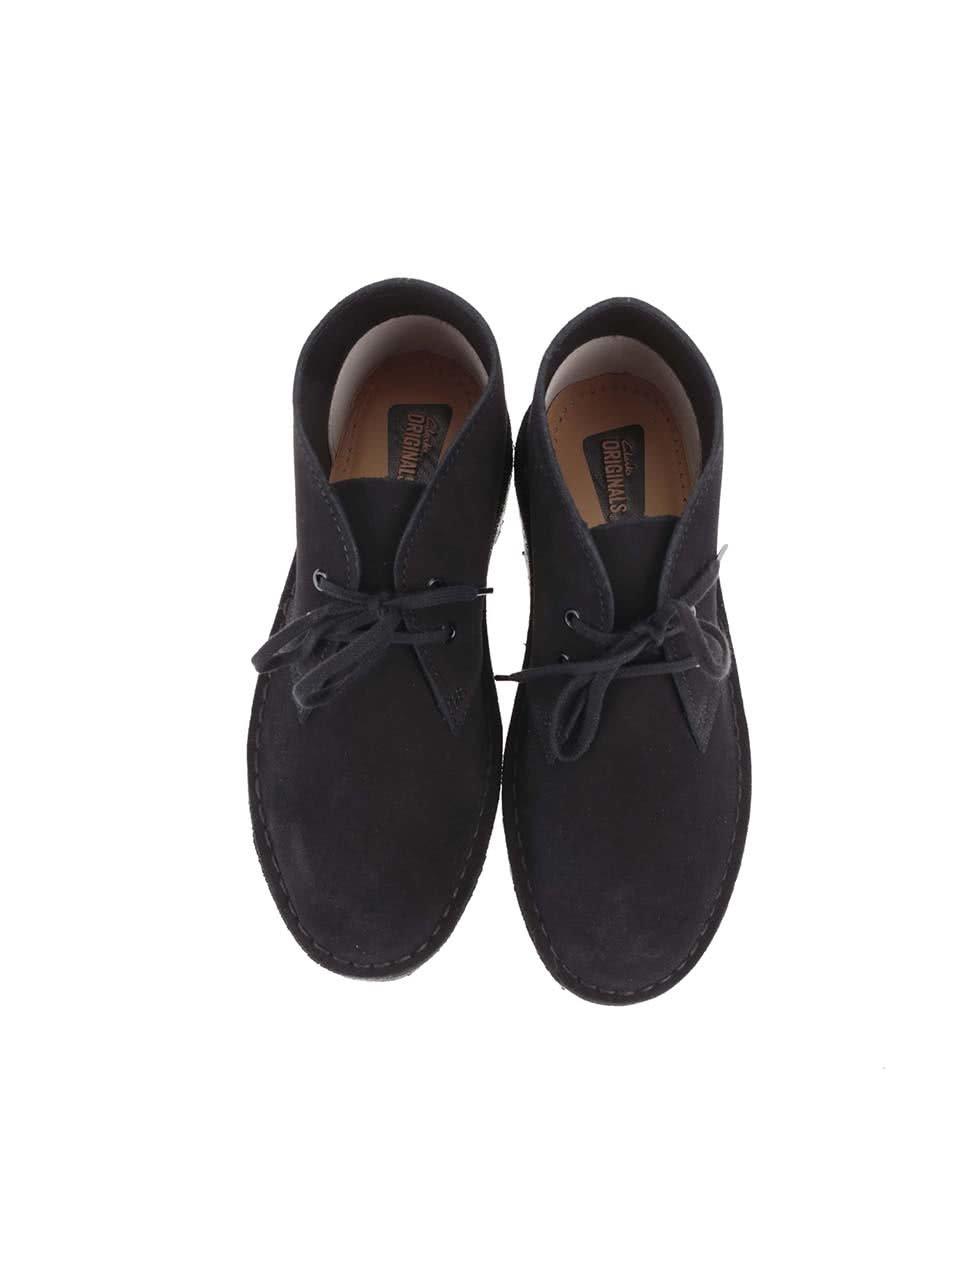 Čierne dámske kožené členkové topánky Clarks Desert Boot ... 5634fba2407